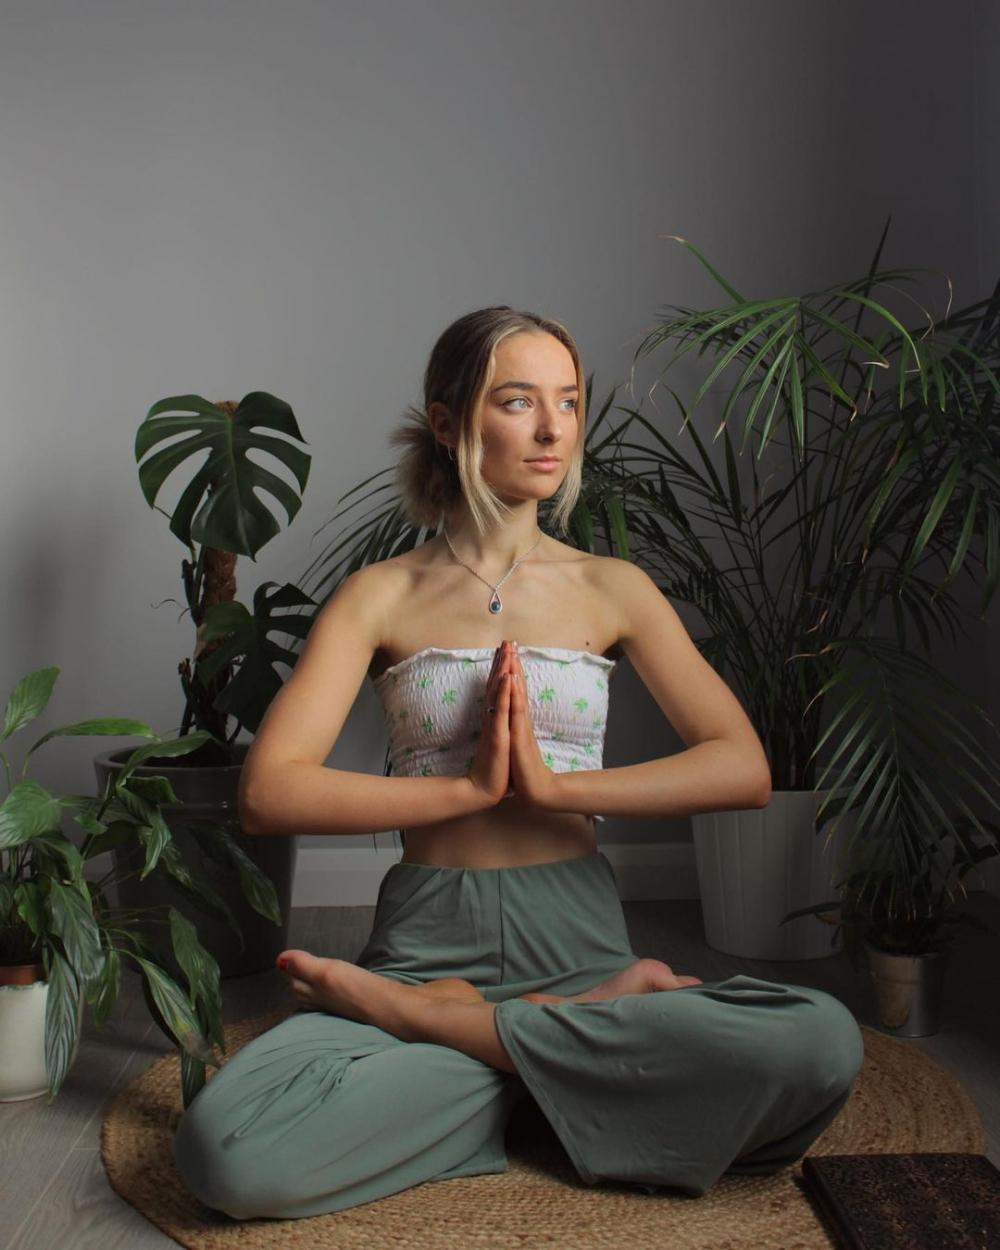 總是覺得沒有得到良好的休息?每天10分鐘獨處時間,來一場冥想擺脫焦慮與不安